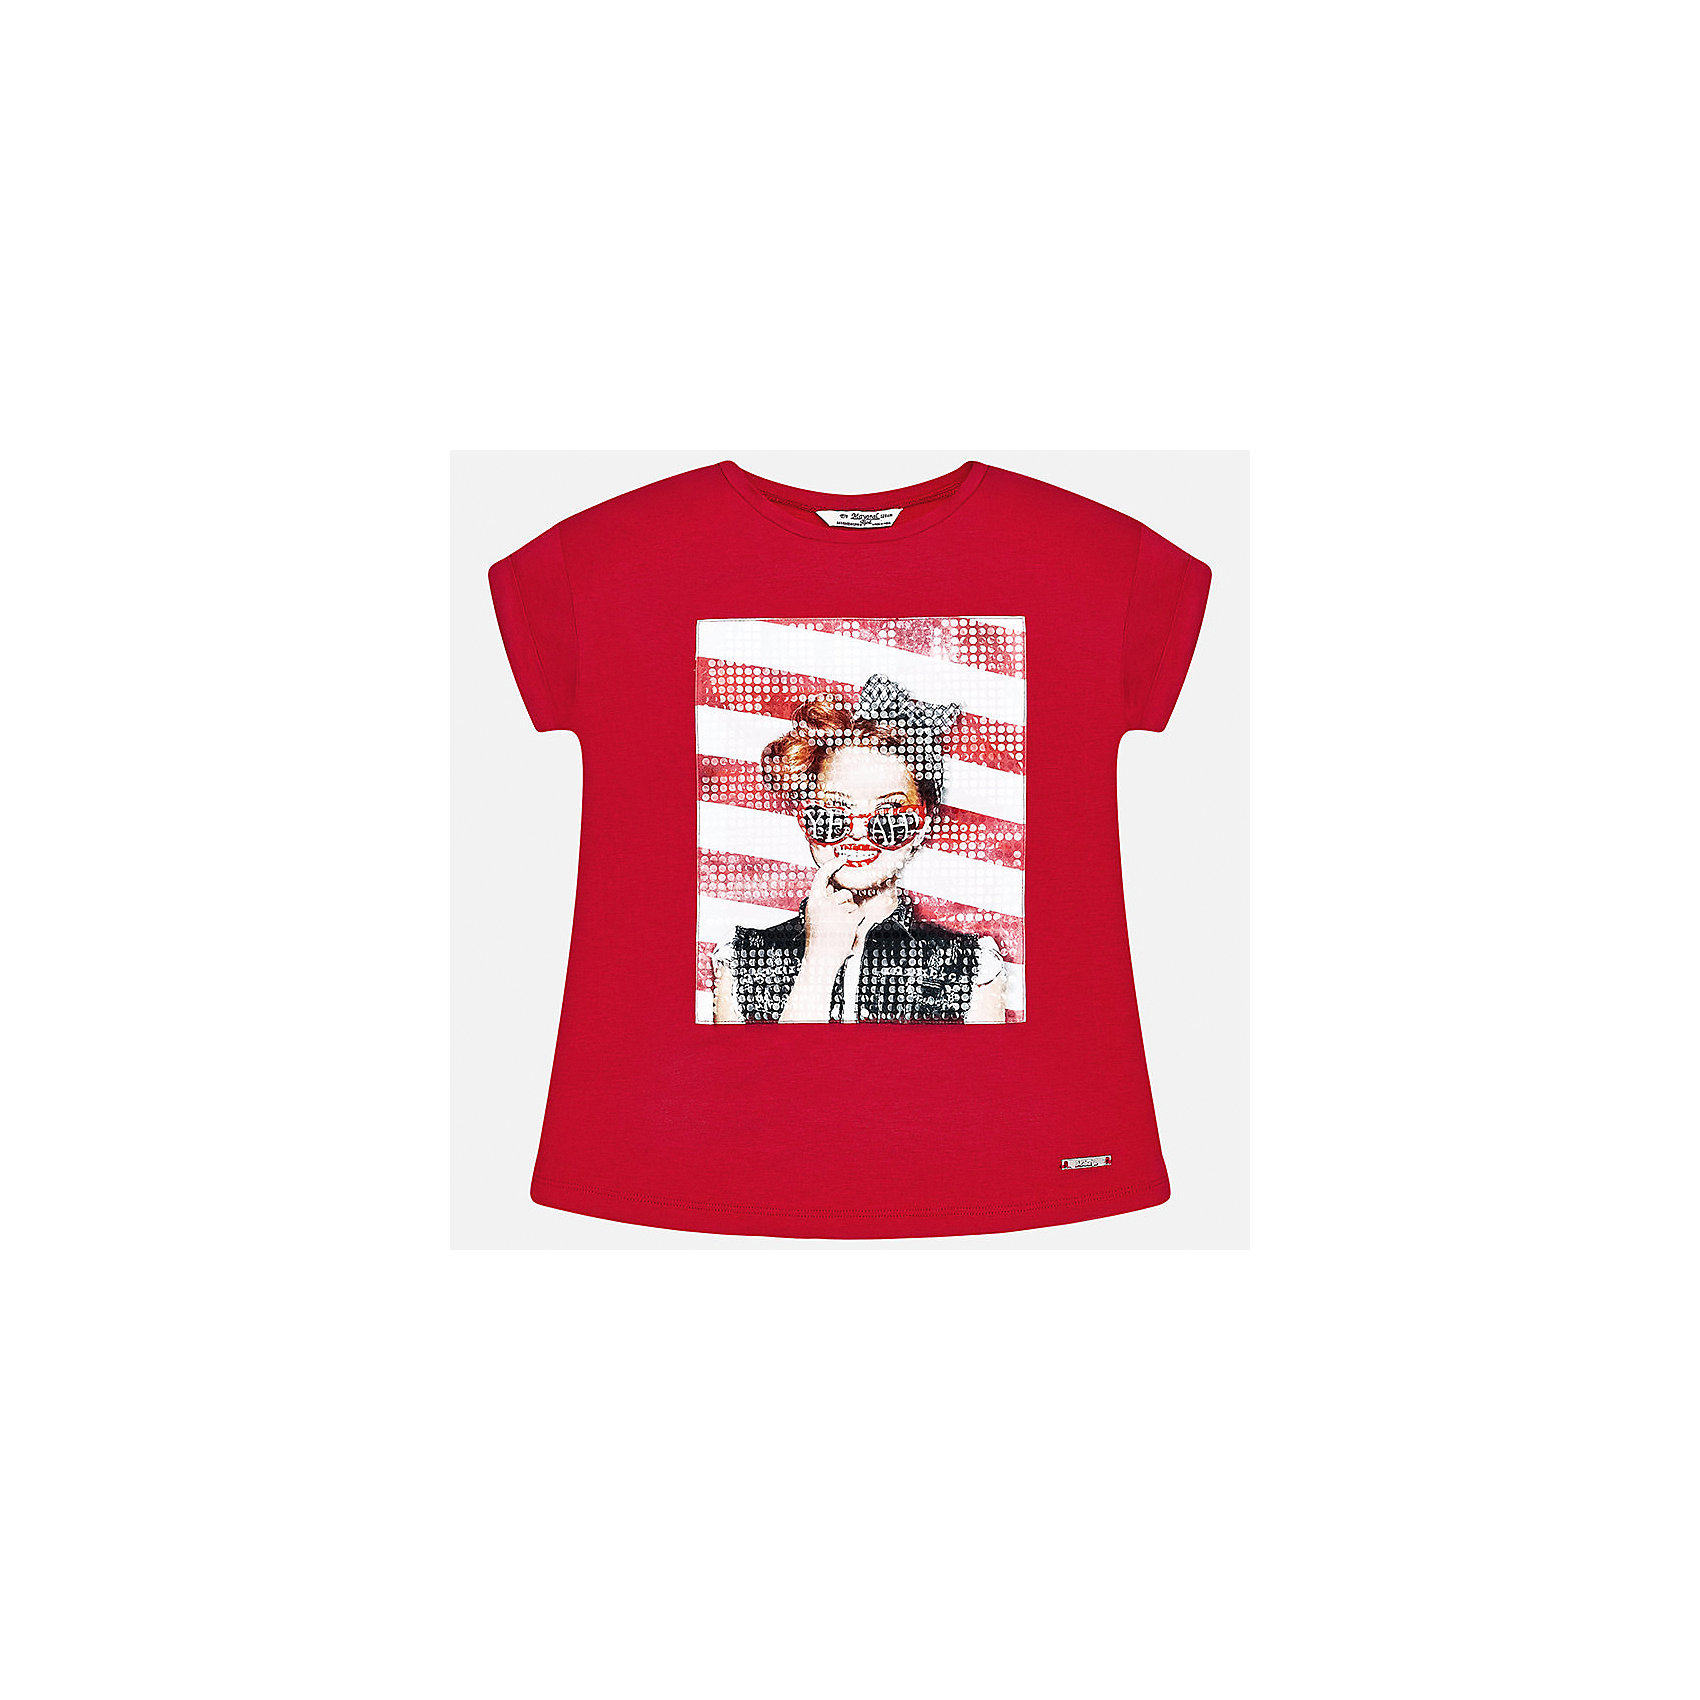 Футболка для девочки MayoralХарактеристики товара:<br><br>• цвет: красный<br>• состав: 95% вискоза, 5% эластан<br>• декорирована принтом<br>• короткие рукава<br>• округлый горловой вырез<br>• страна бренда: Испания<br><br>Стильная качественная футболка для девочки поможет разнообразить гардероб ребенка и украсить наряд. Она отлично сочетается и с юбками, и с шортами, и с брюками. Универсальный цвет позволяет подобрать к вещи низ практически любой расцветки. Интересная отделка модели делает её нарядной и оригинальной. <br><br>Одежда, обувь и аксессуары от испанского бренда Mayoral полюбились детям и взрослым по всему миру. Модели этой марки - стильные и удобные. Для их производства используются только безопасные, качественные материалы и фурнитура. Порадуйте ребенка модными и красивыми вещами от Mayoral! <br><br>Футболку для девочки от испанского бренда Mayoral (Майорал) можно купить в нашем интернет-магазине.<br><br>Ширина мм: 199<br>Глубина мм: 10<br>Высота мм: 161<br>Вес г: 151<br>Цвет: красный<br>Возраст от месяцев: 168<br>Возраст до месяцев: 180<br>Пол: Женский<br>Возраст: Детский<br>Размер: 170,128/134,140,152,158,164<br>SKU: 5292505